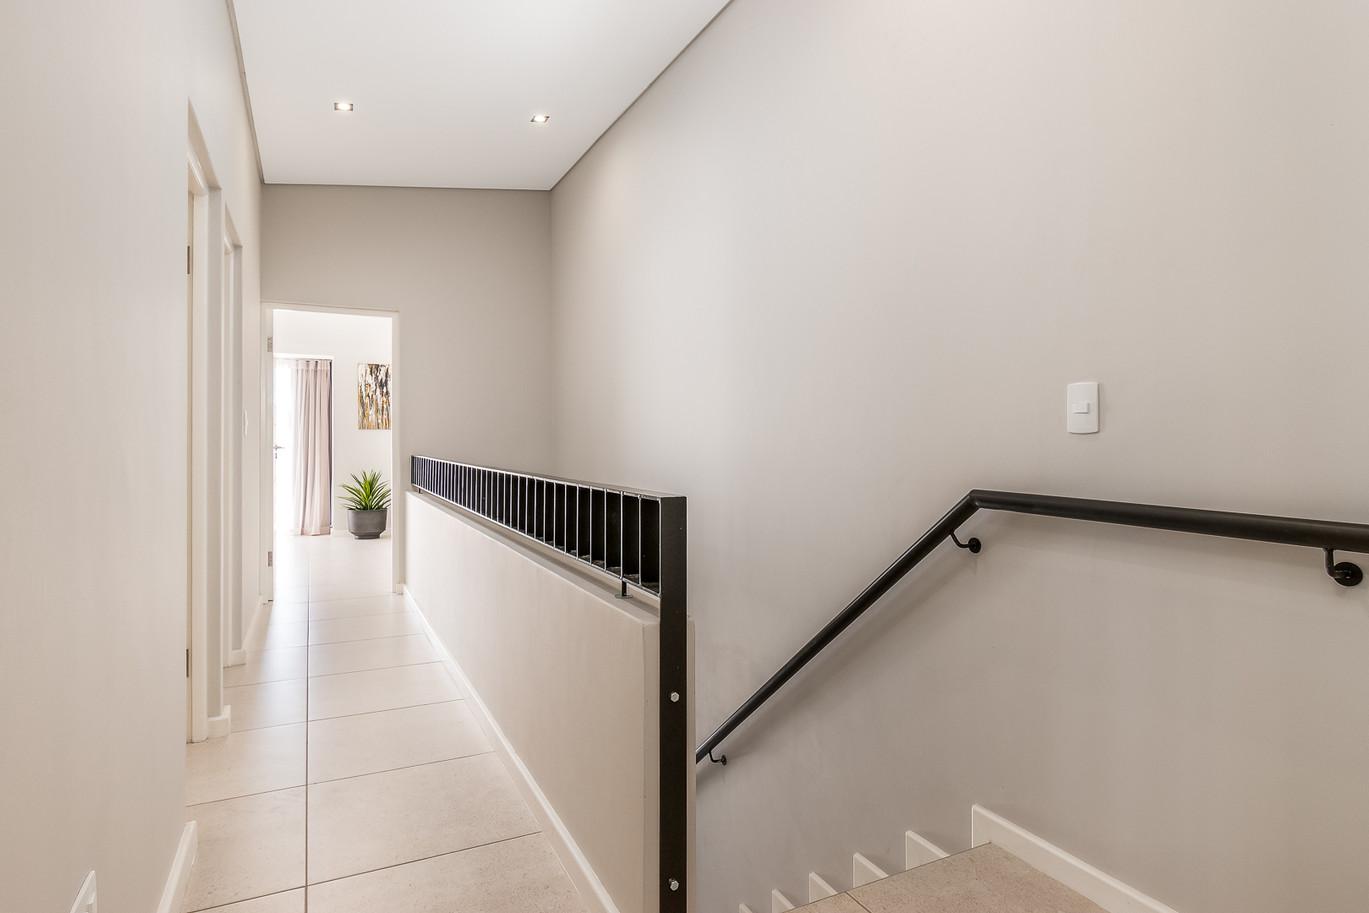 Greystone Hallway 3